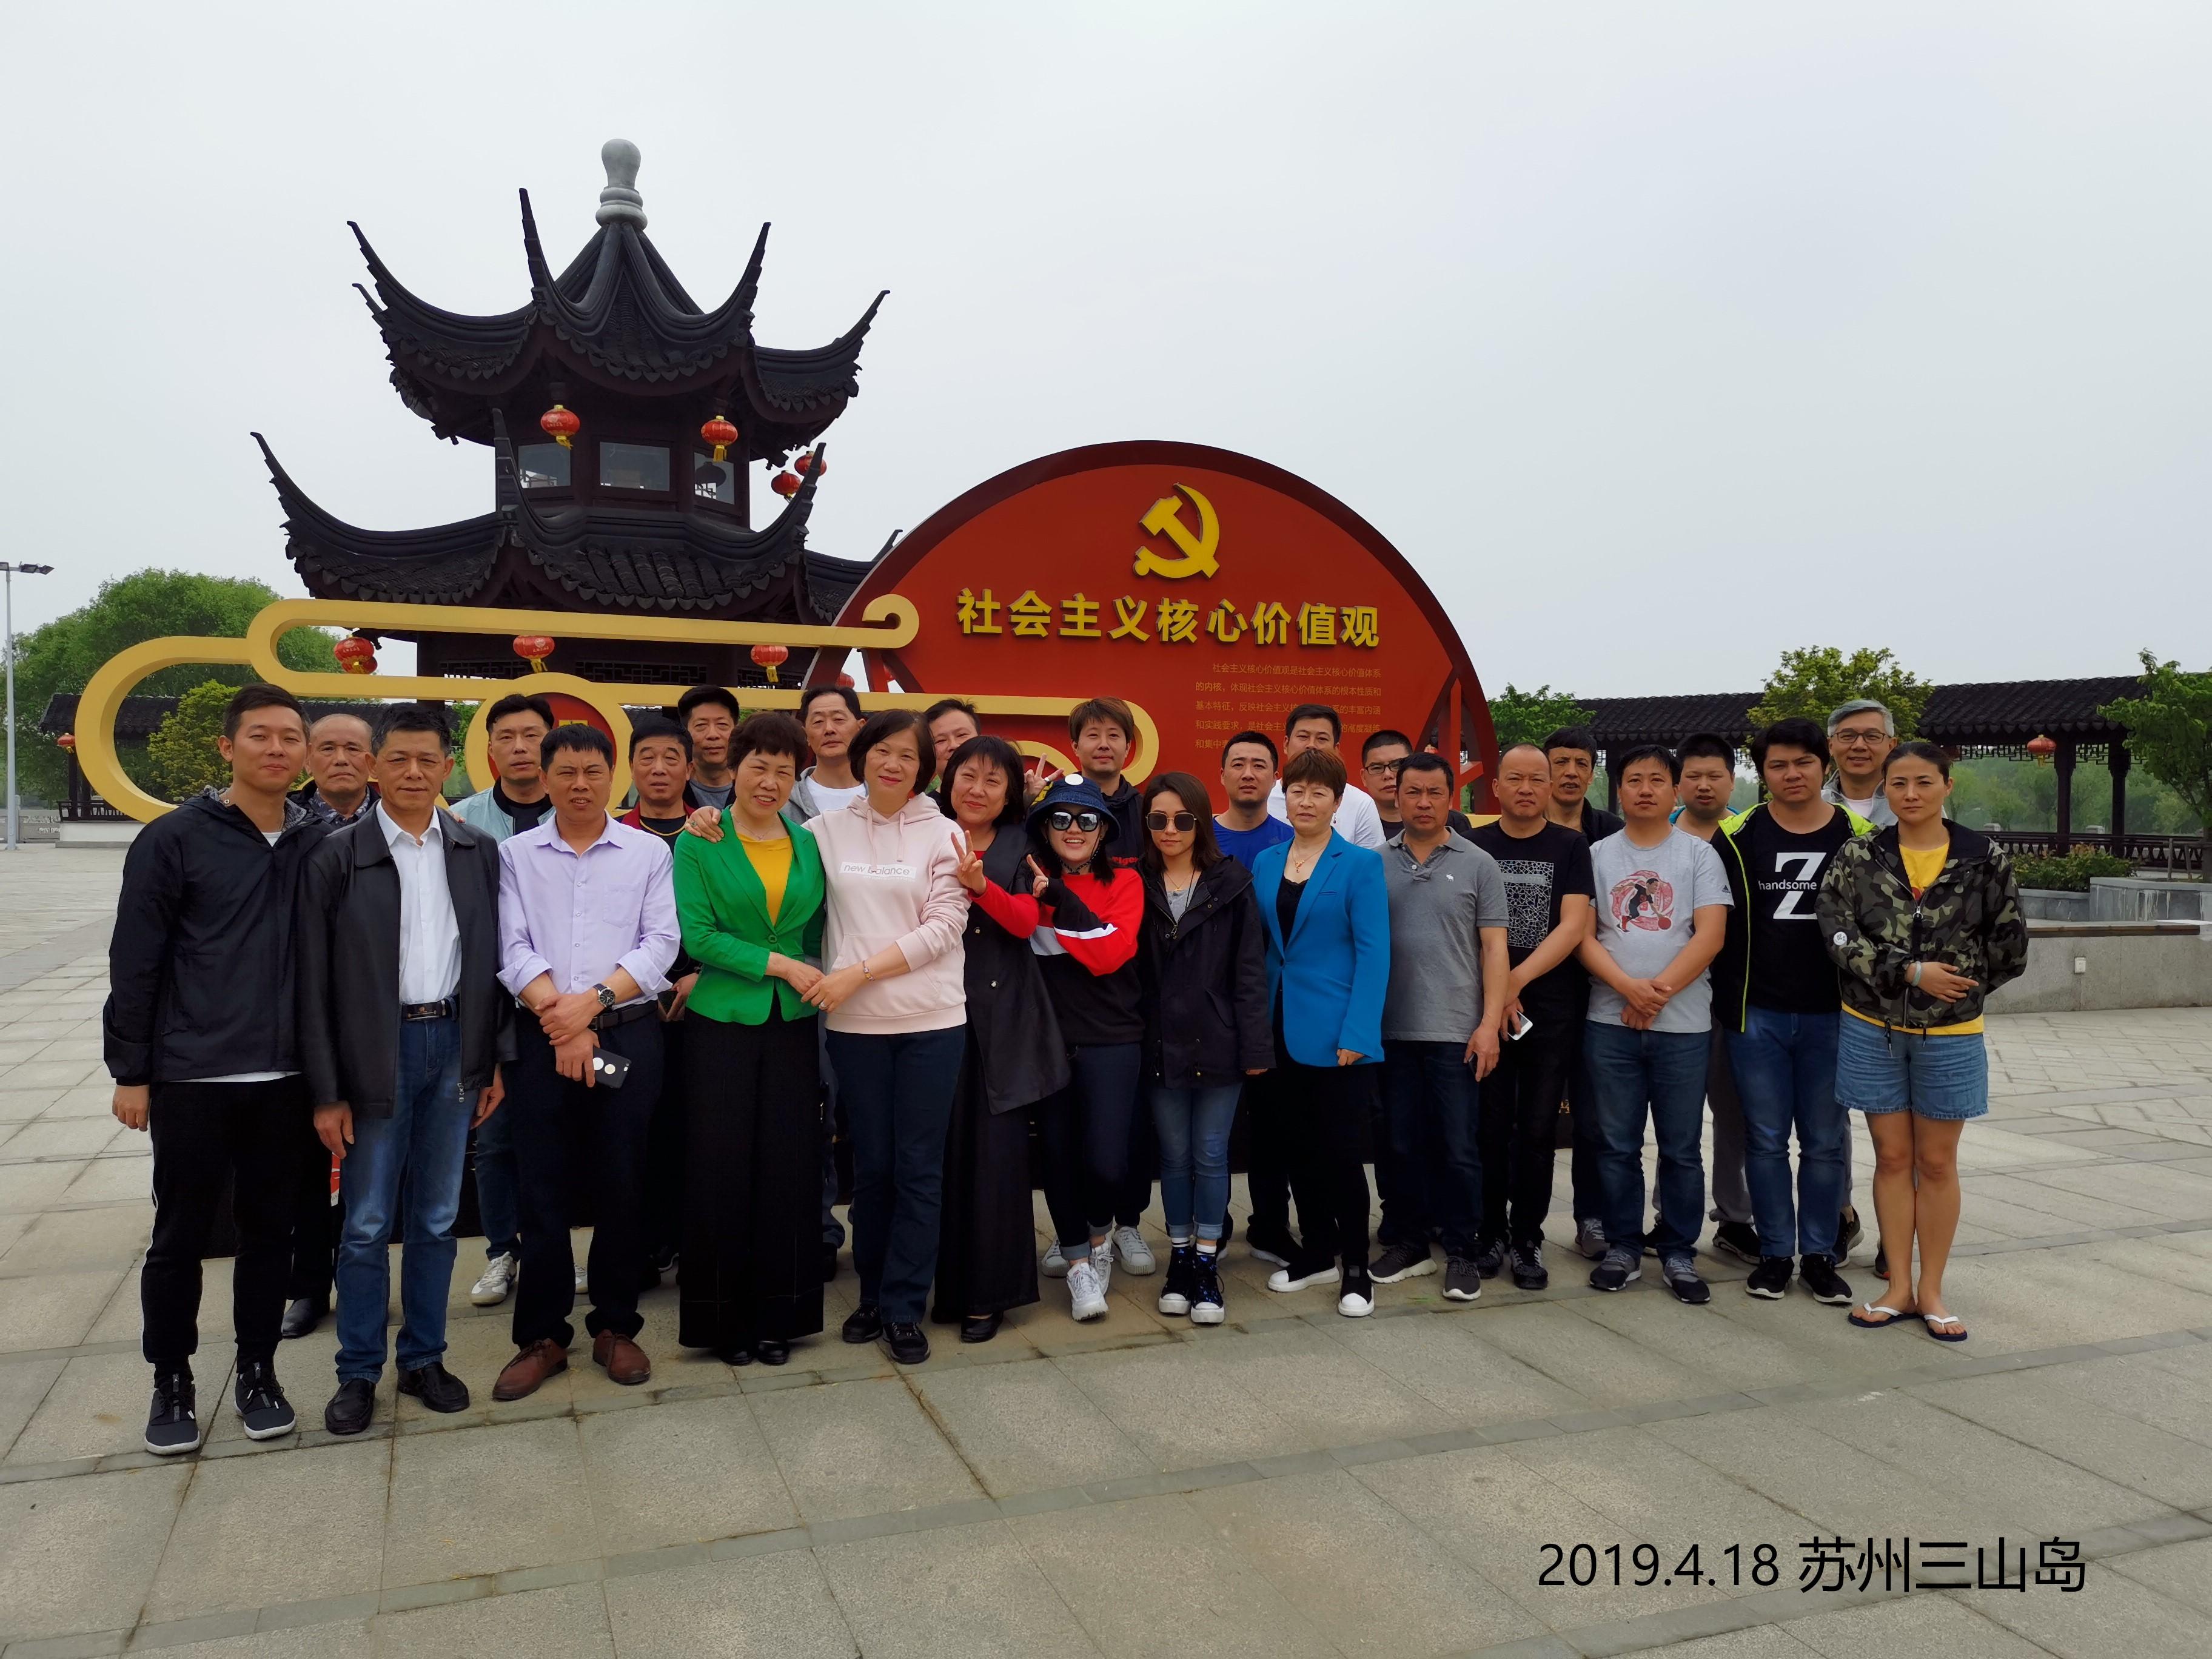 2019年度上海巨石化工有限公司三山岛之旅胜利进行